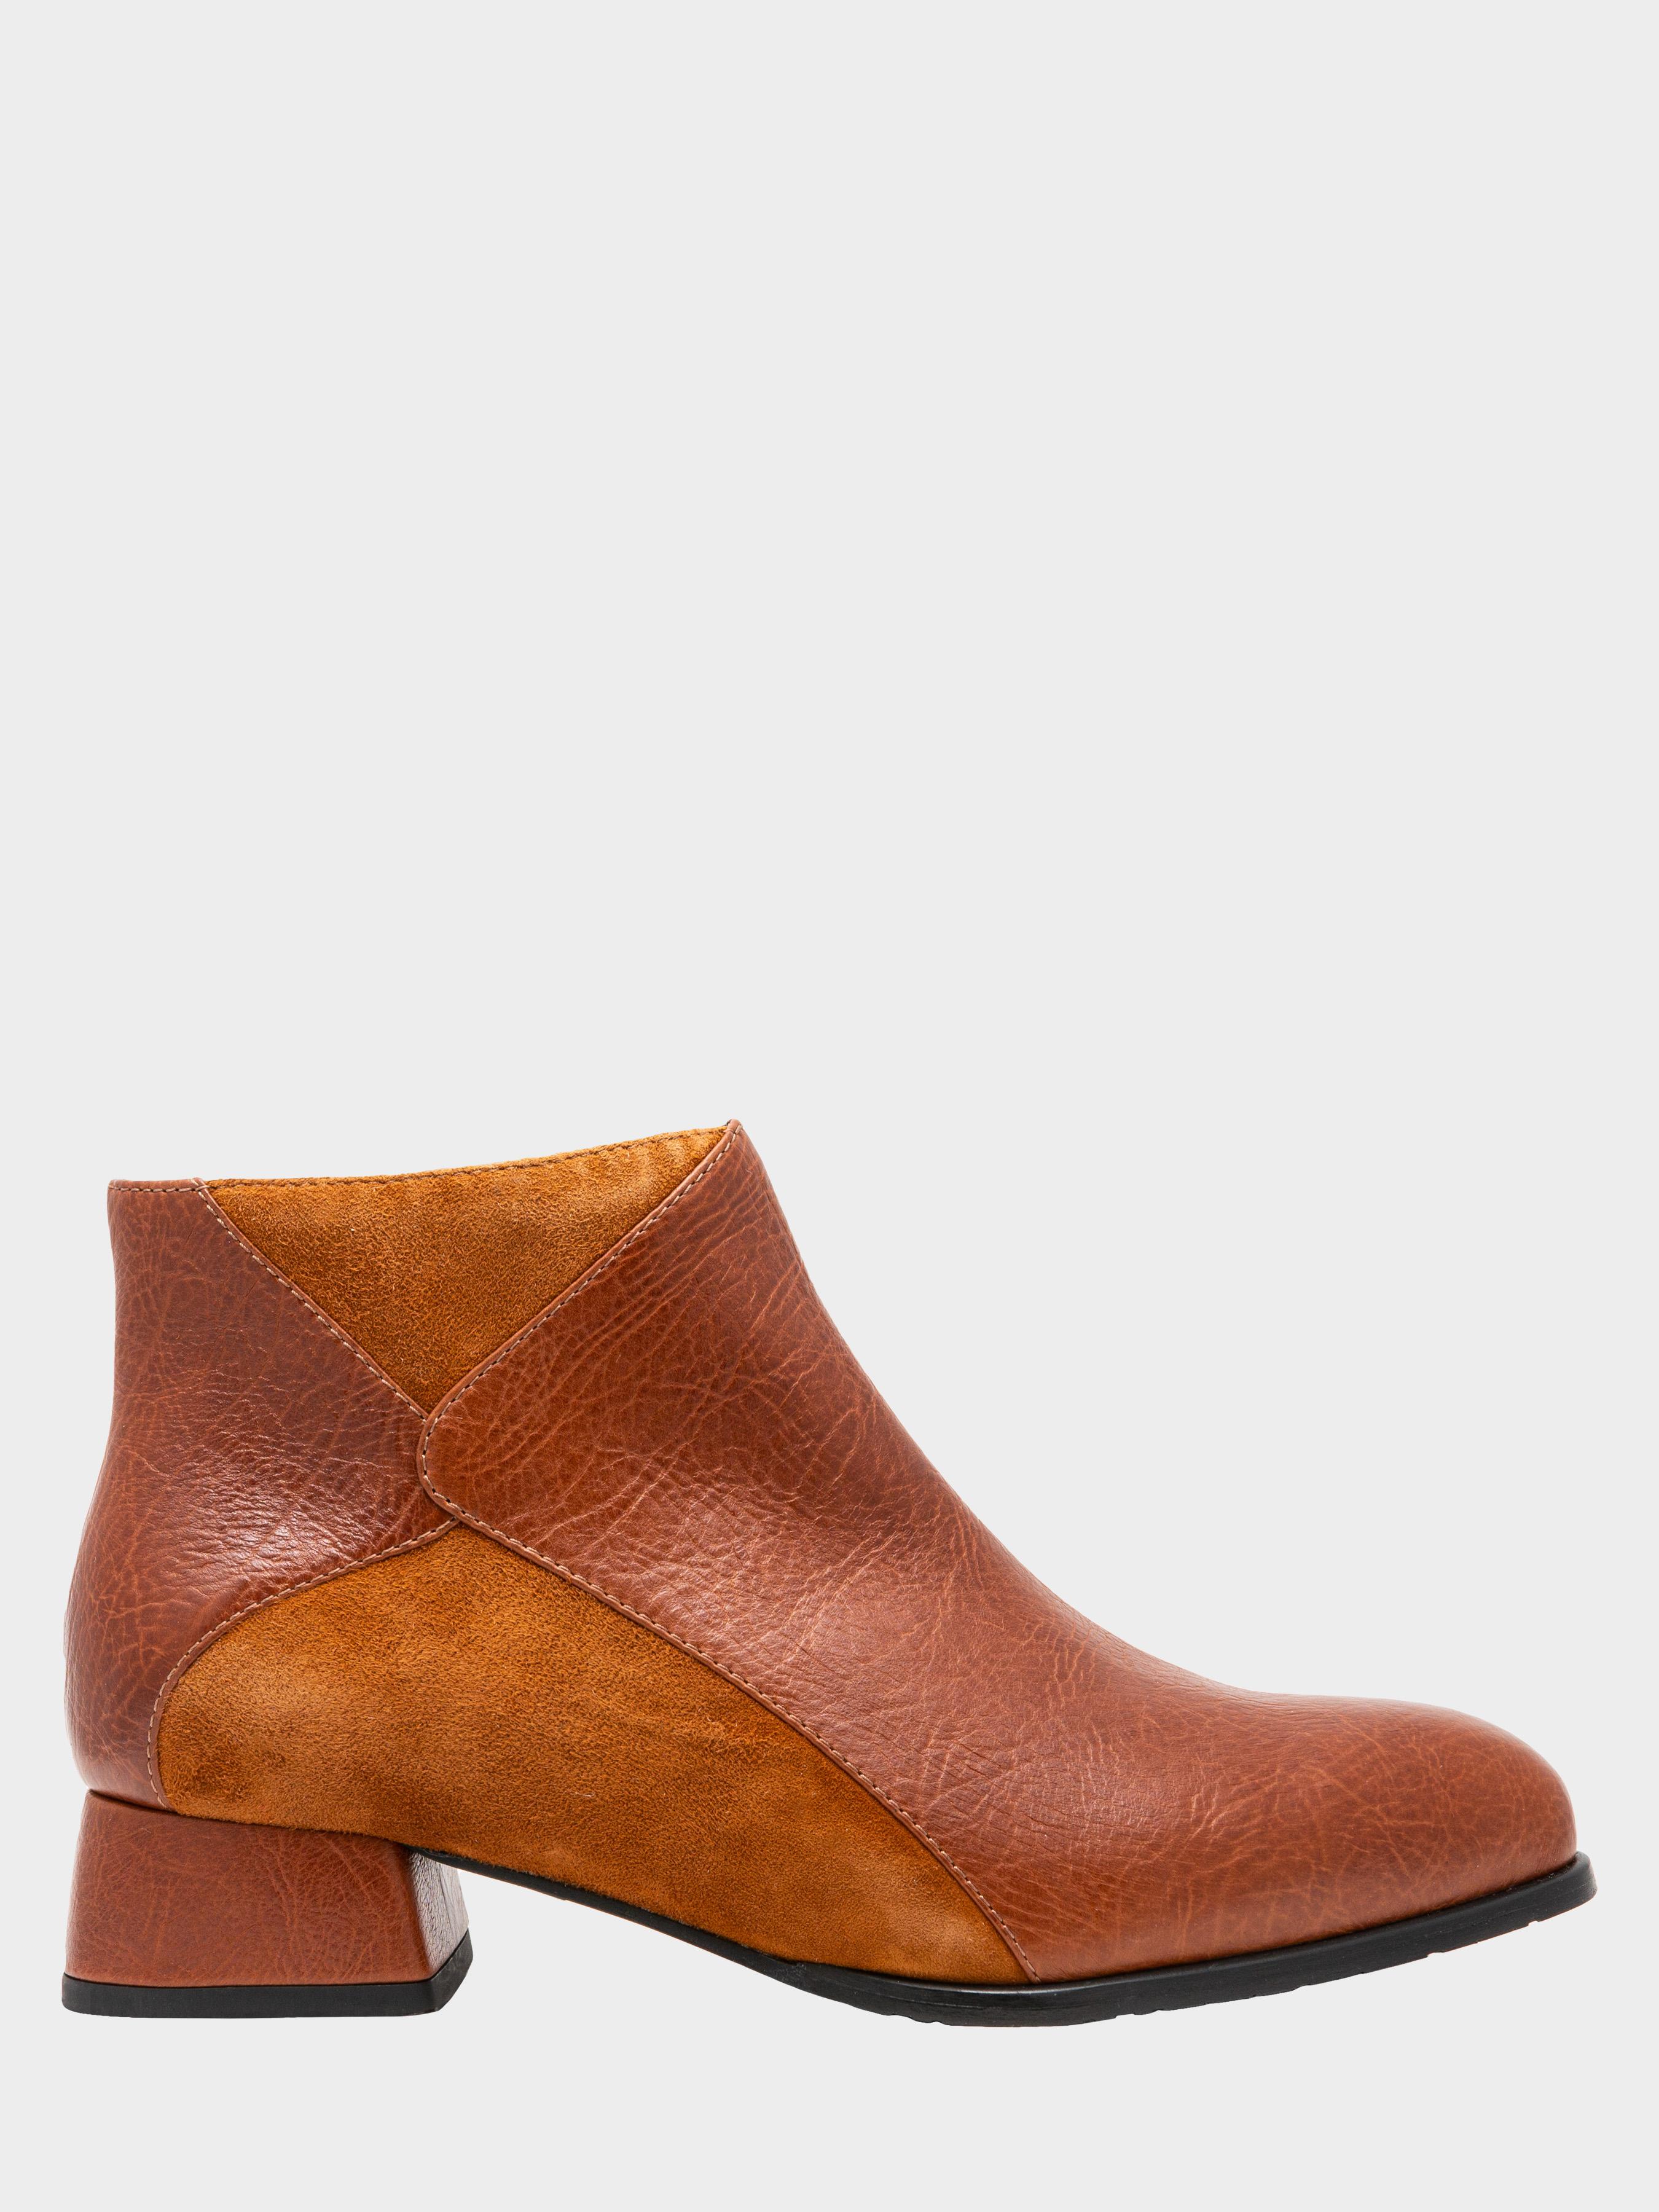 Ботинки для женщин Ботинки женские ENZO VERRATTI 18-10029-4br брендовая обувь, 2017